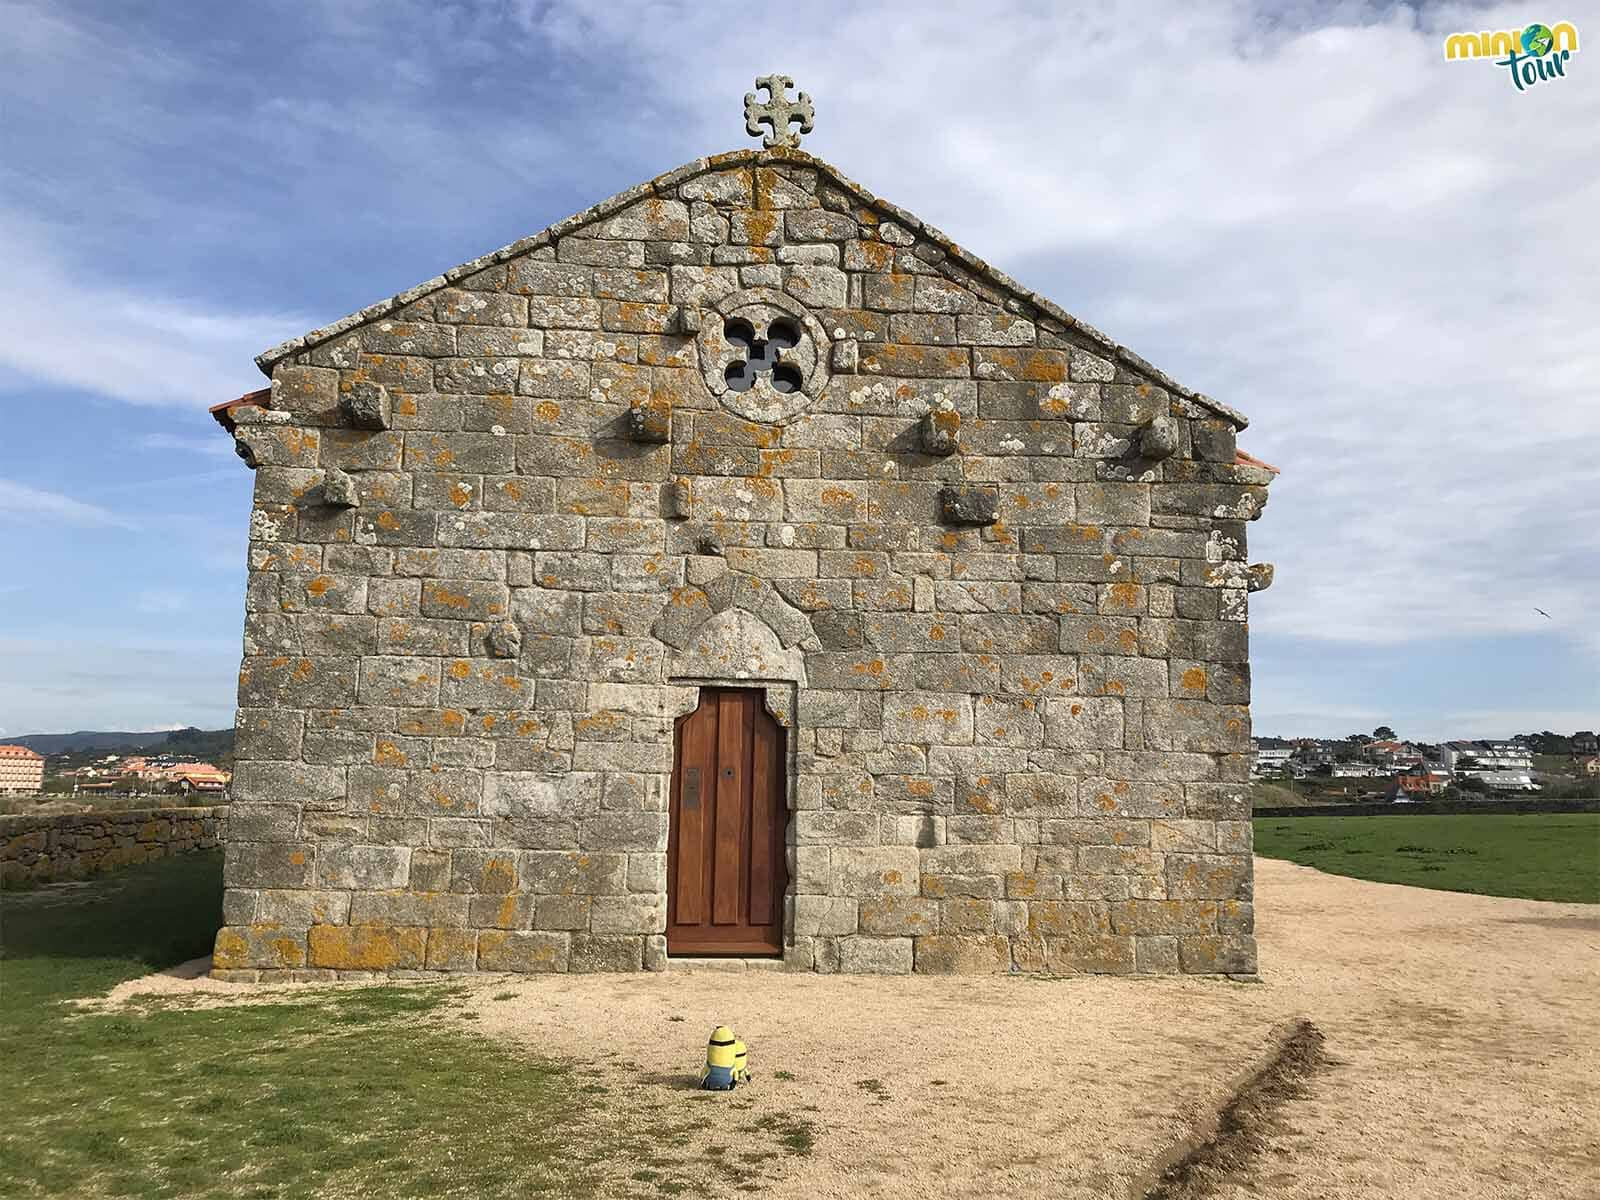 La sencillez de la fachada de la Ermita de La Lanzada nos ha conquistado